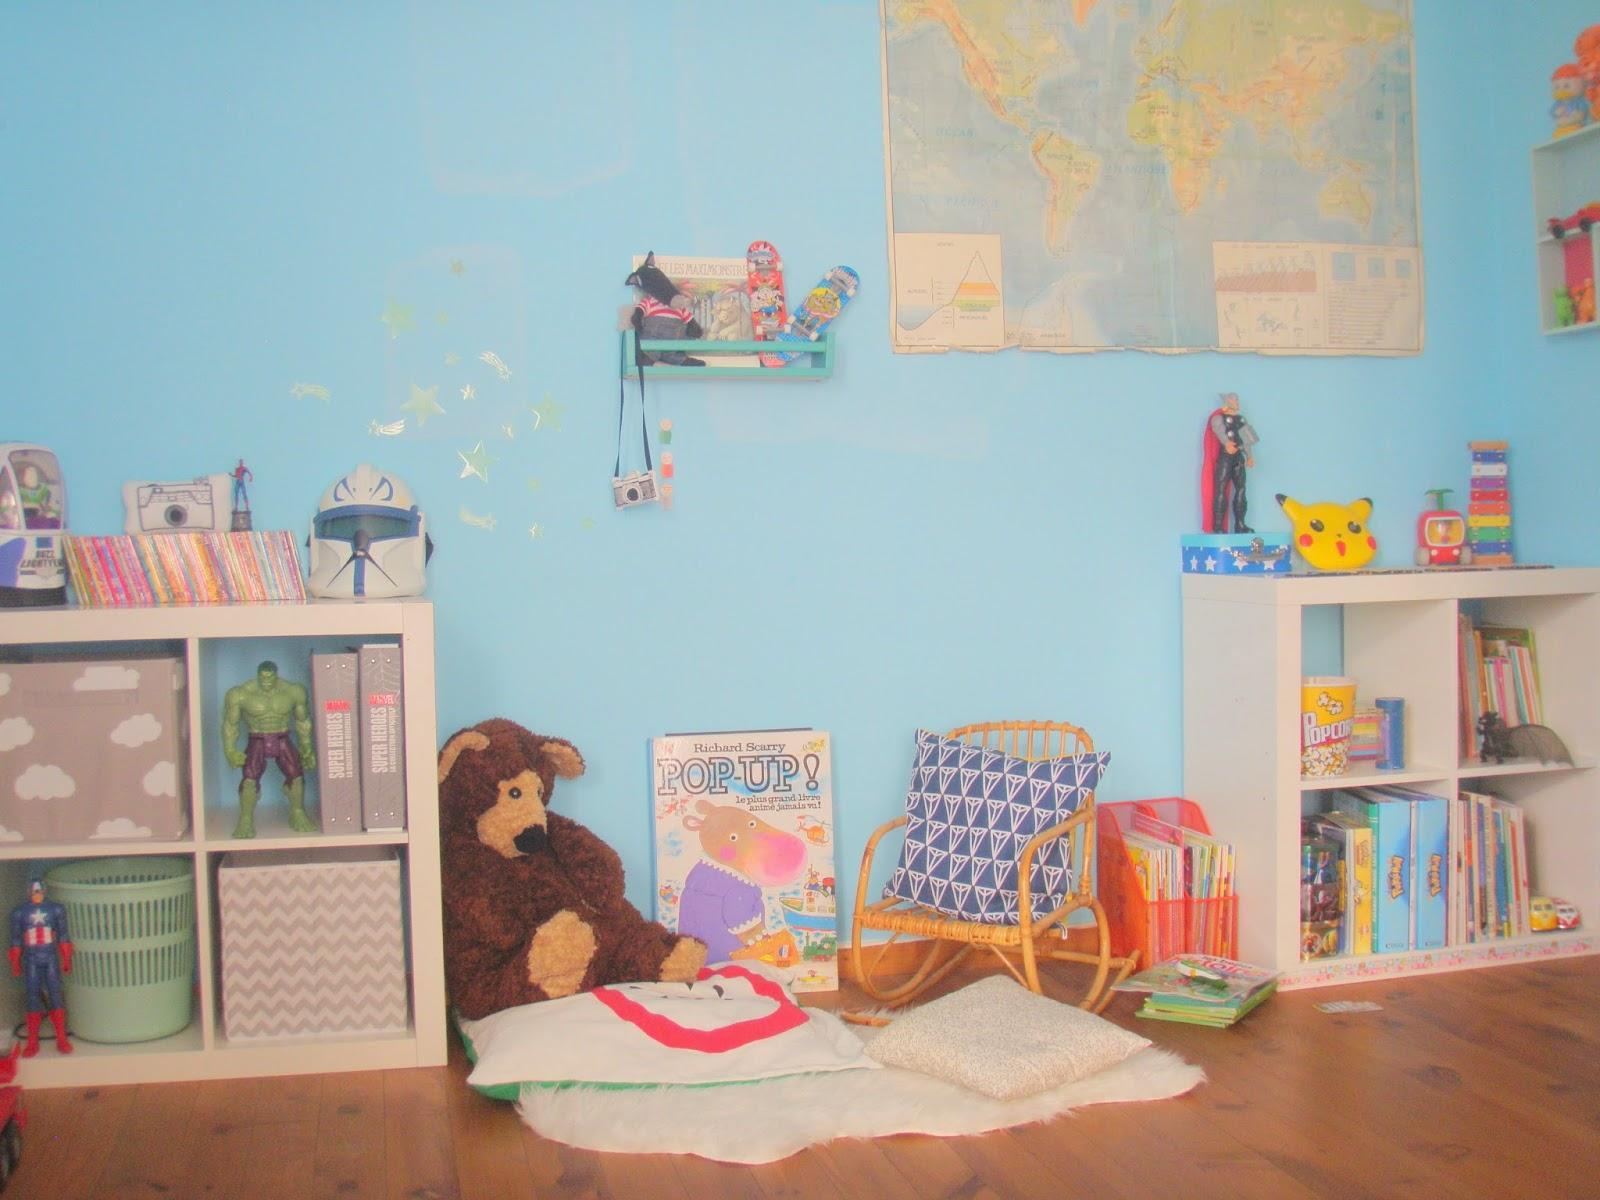 Chambre bleue amalric la chambre bleue de mathieu amalric for Amalric la chambre bleue